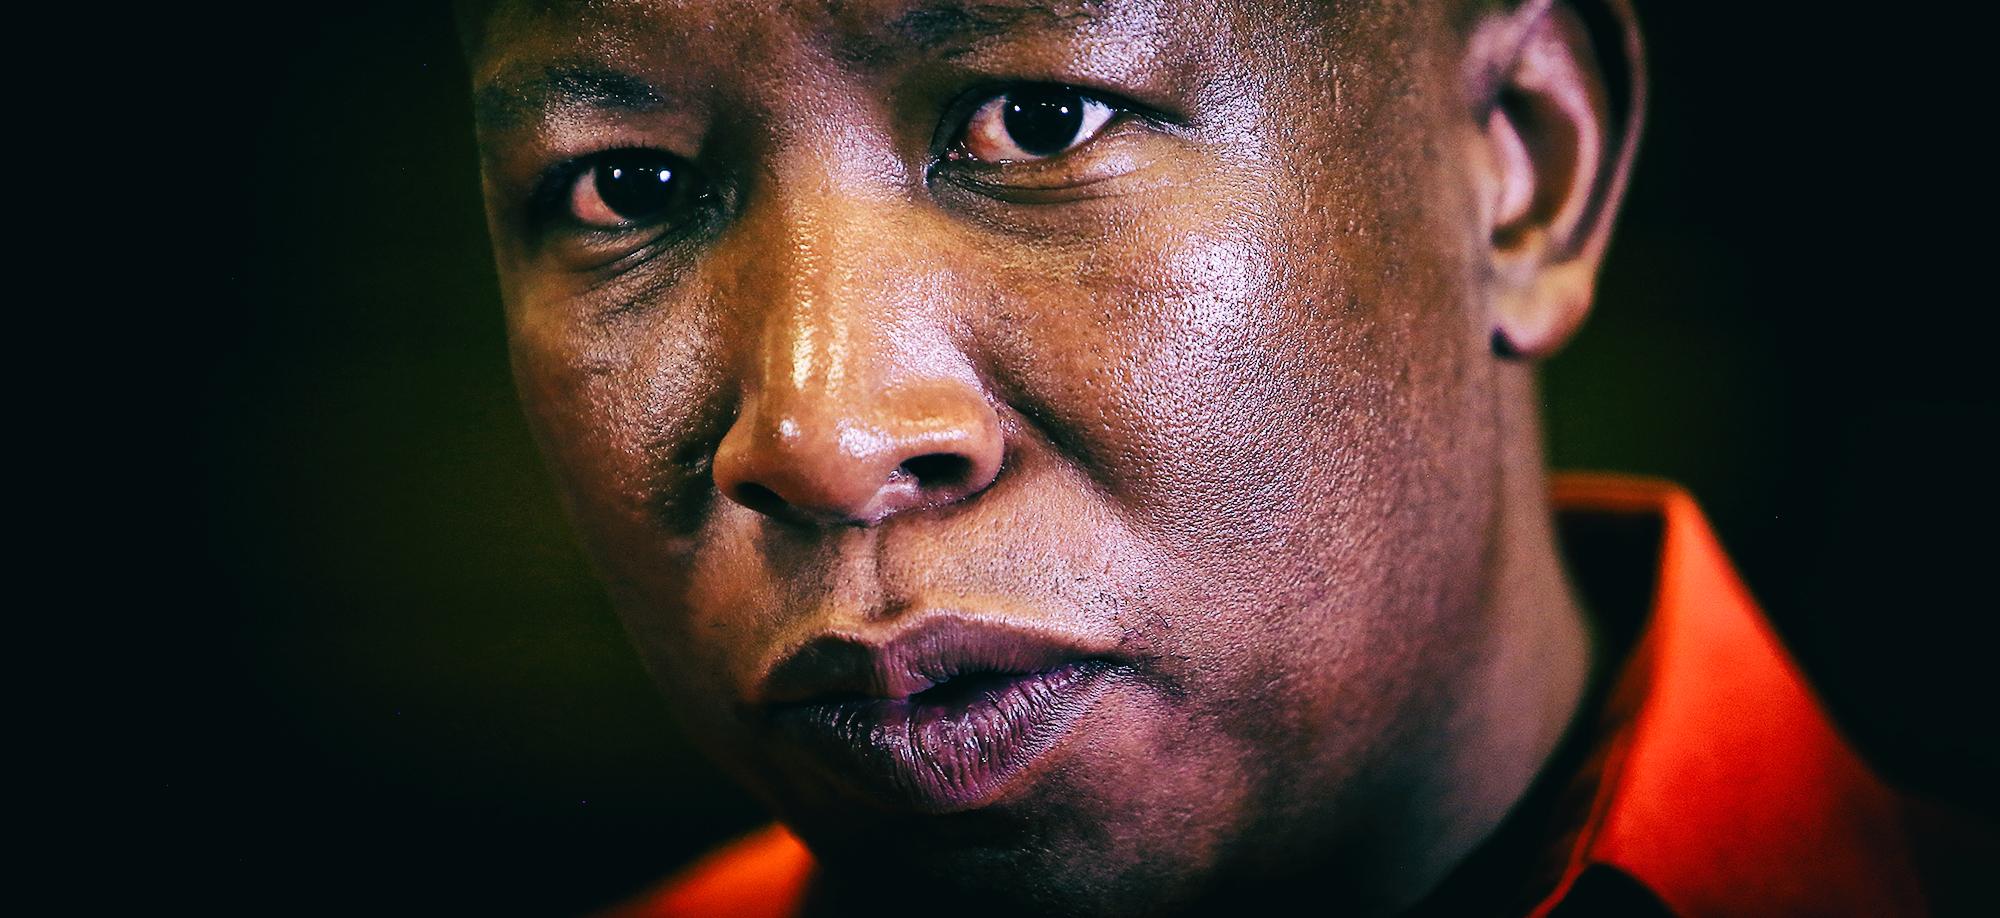 TRAINSPOTTER: Suid-Afrikaanse demokrasie sterf, die fascistiese populisme styg op, en wat daarna gebeur - Daily Maverick